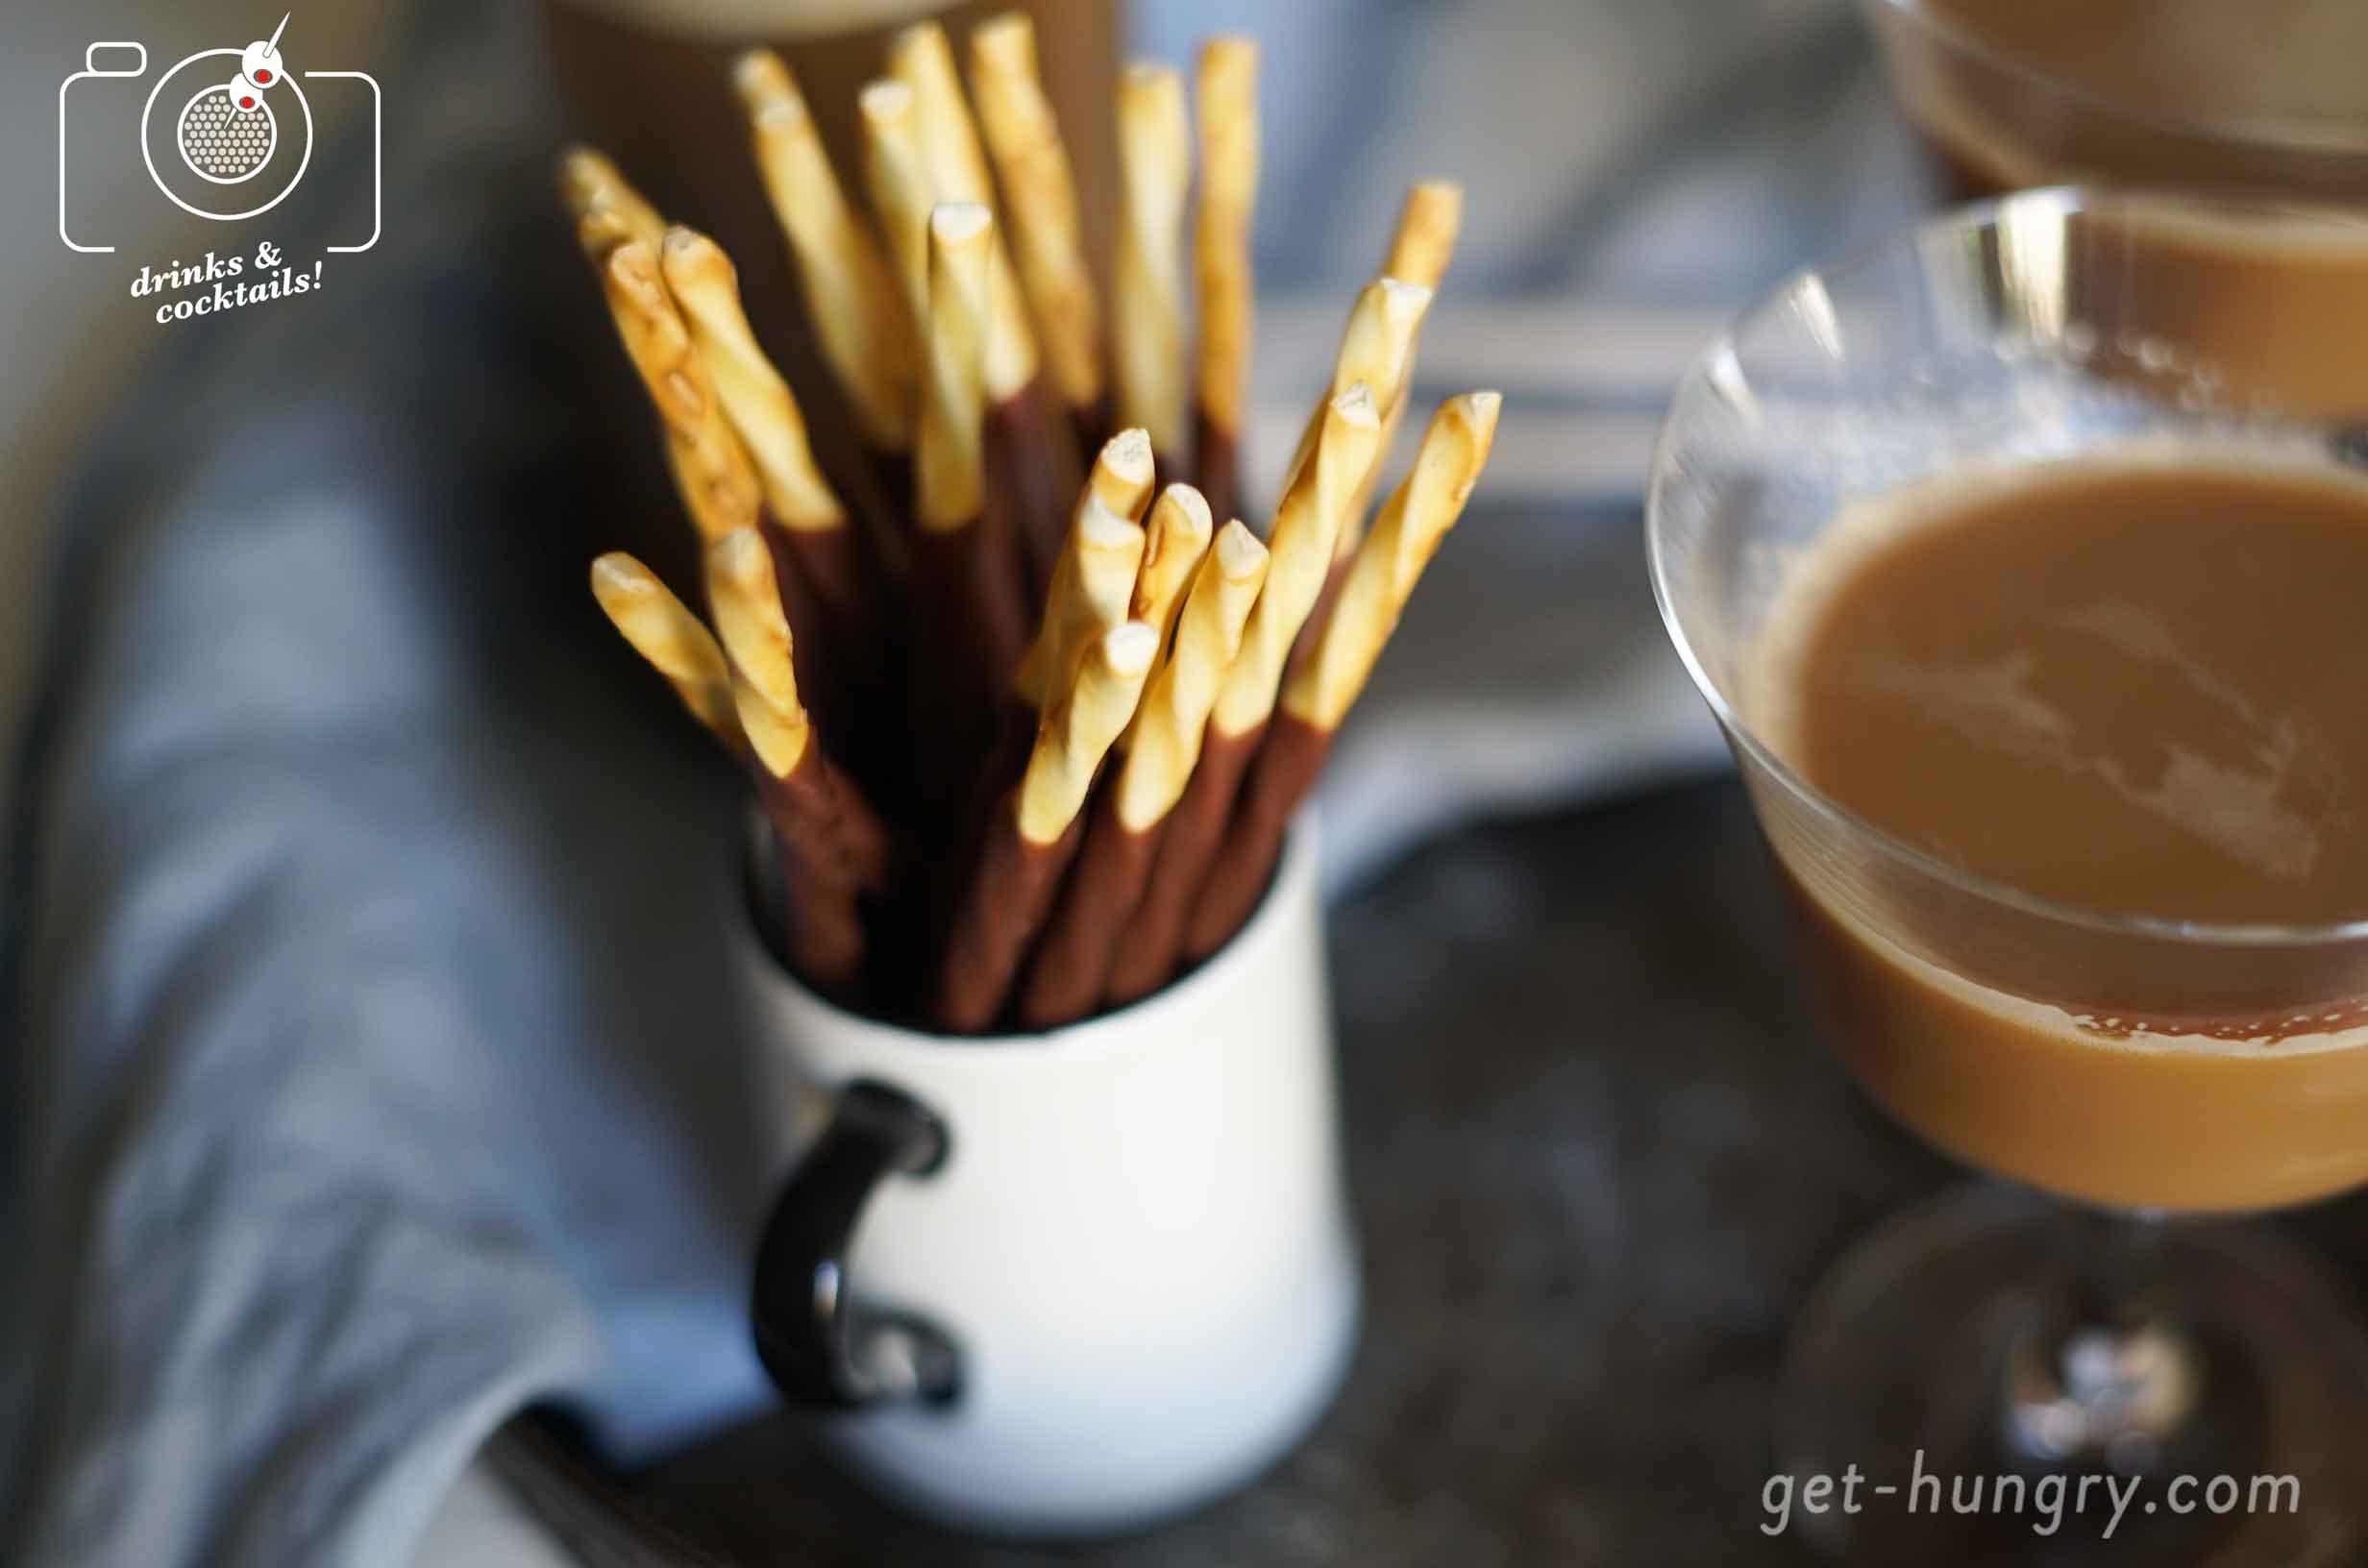 Zum Knabbern passen Schoko-Sticks dazu, die man - siehe Rezept weiter unten - auch ganz easy alleine herstellen kann: Einfach italienische Grissini mit flüssiger Schokolade überziehen, mit Zuckerperlen verzieren, gut im Kühlschrank aushärten lassen, fertig.